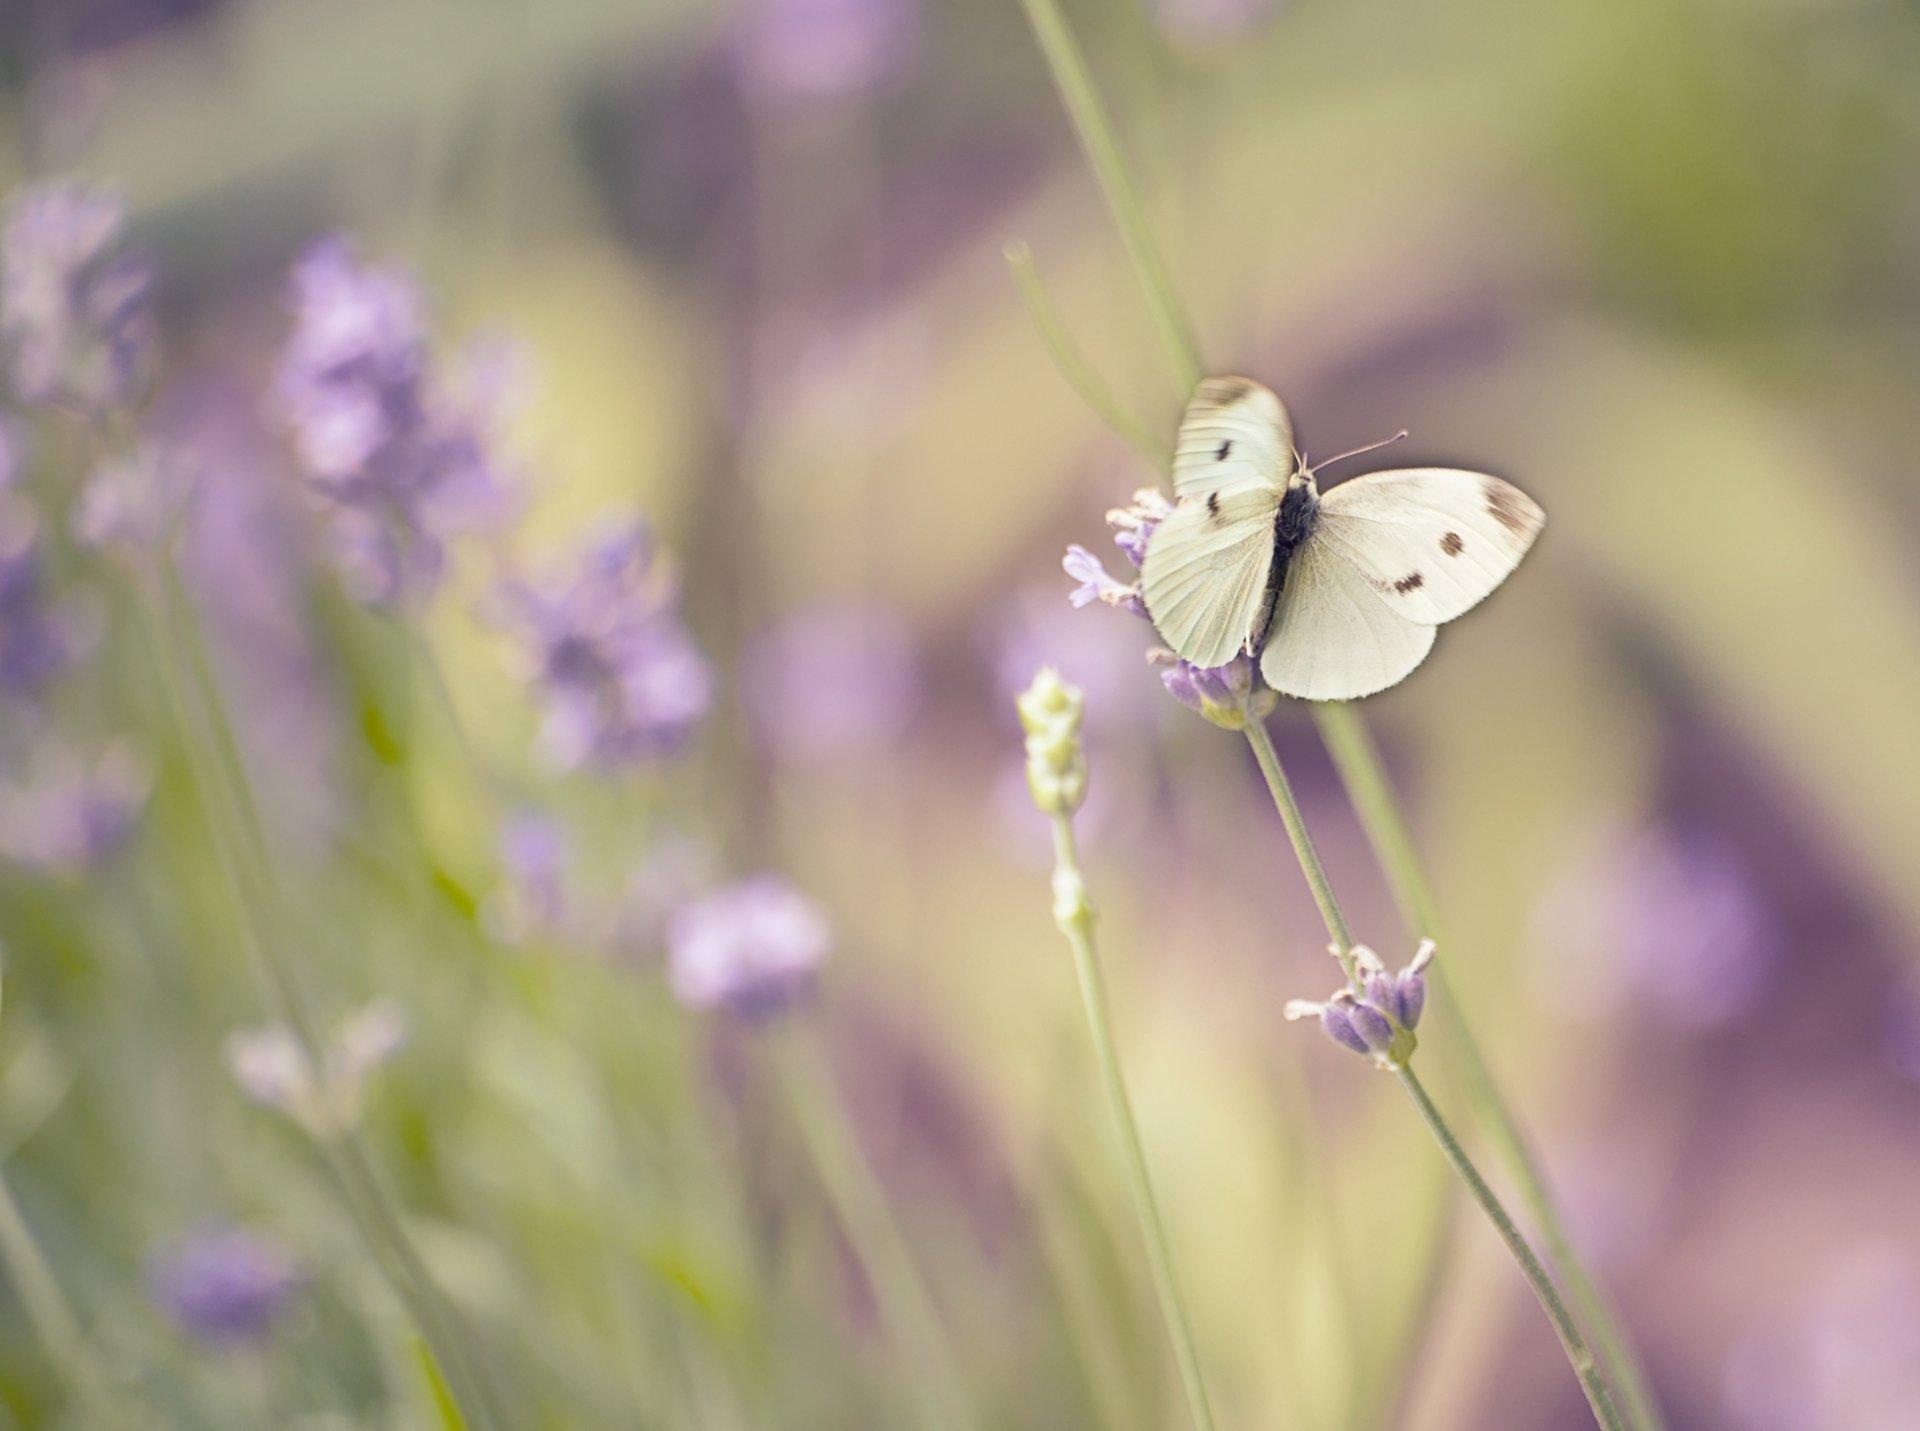 Макро фото полевых цветов